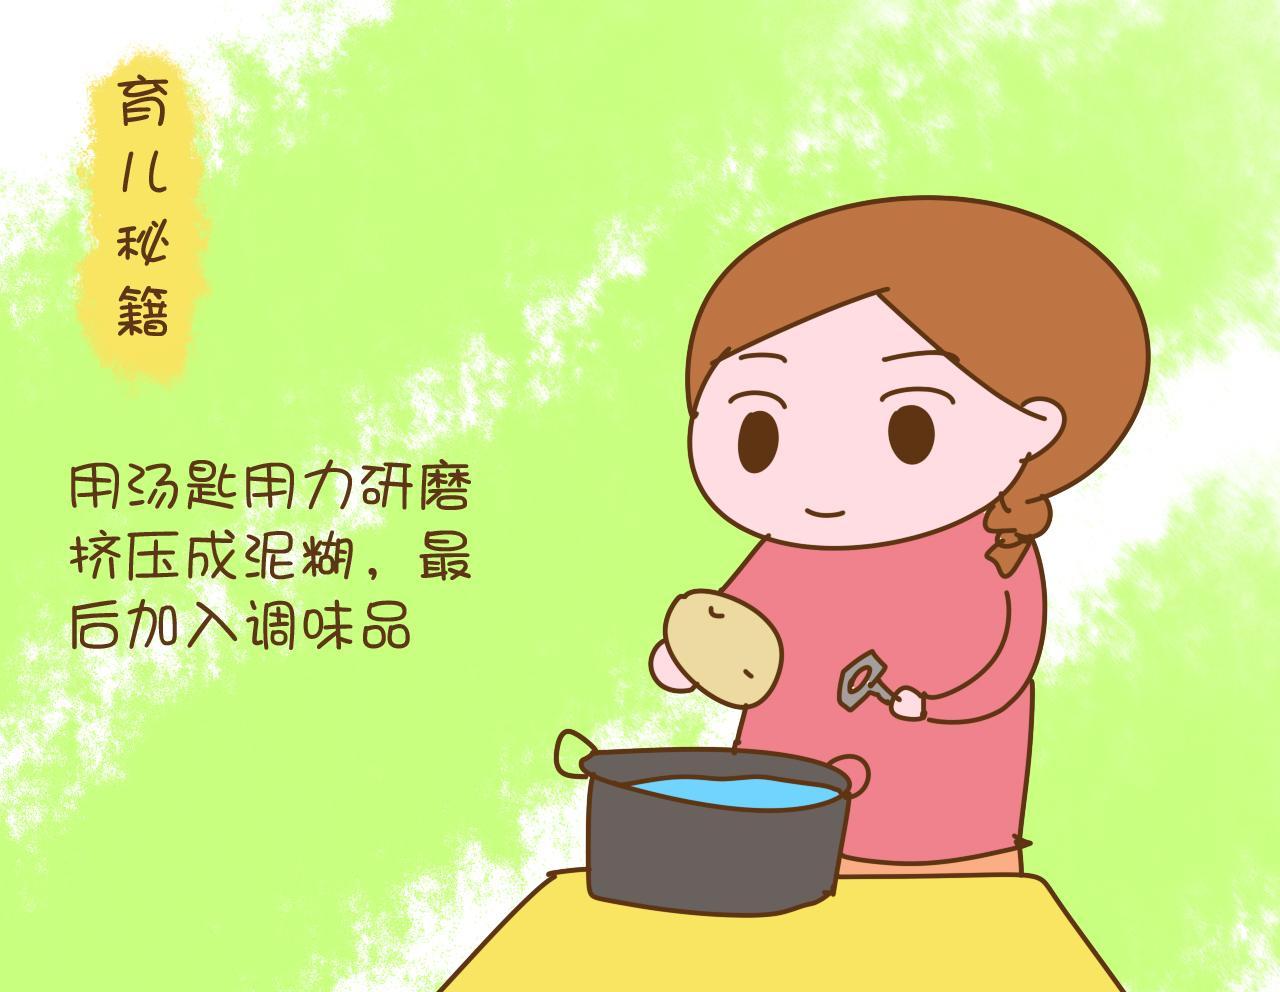 然后 加 入 少 量 糖或 者 盐,单独吃或者拌 在 米糊 里 都 是 可以图片